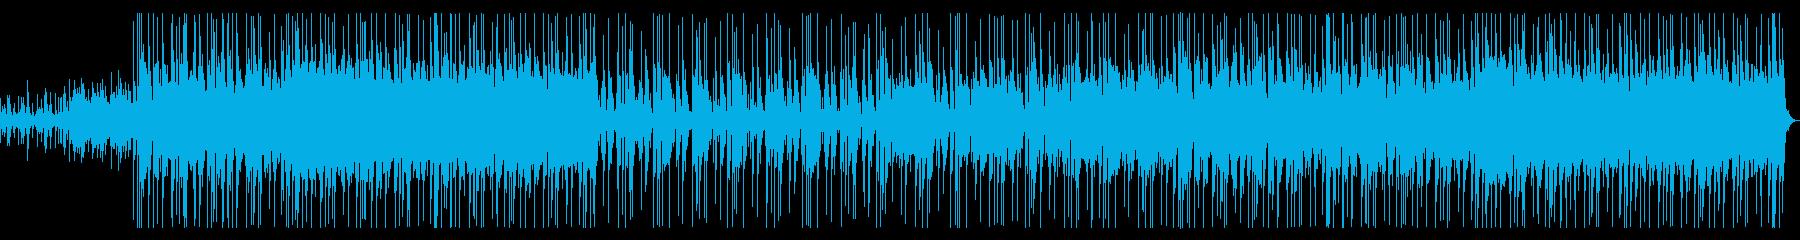 かわいいおしゃれBGMギターベース生演奏の再生済みの波形